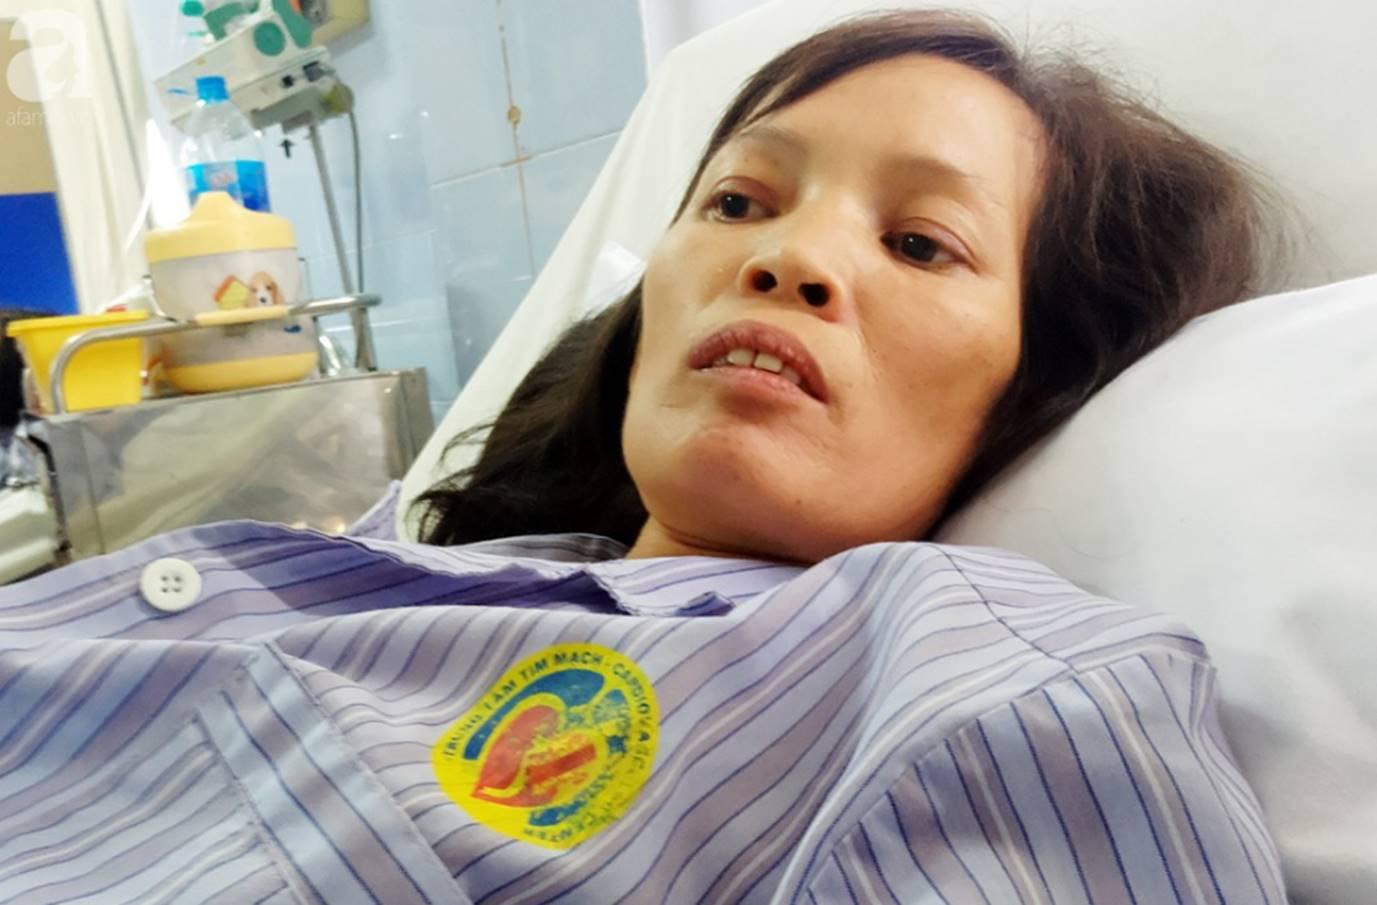 Nam Định: Chàng trai trẻ tàn tật khóc tuyệt vọng khi vợ hơn gNam Định: Chàng trai trẻ tàn tật khóc tuyệt vọng khi vợ hơn gần 10 tuổi lên cơn đau tim mà không tiền chạy chữa-6